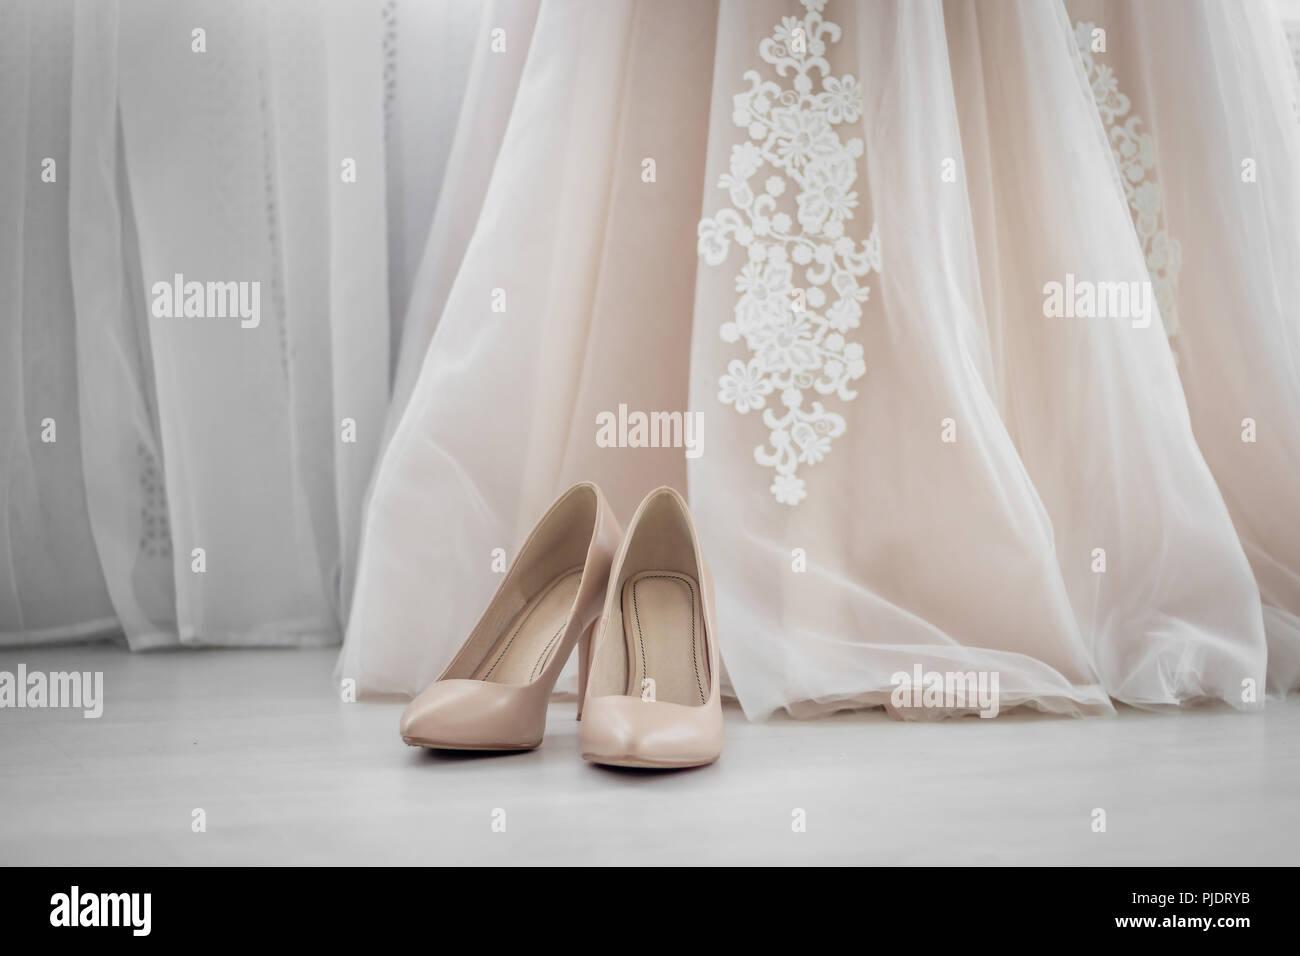 Beige shoes. Wedding Shoes. Bride shoes